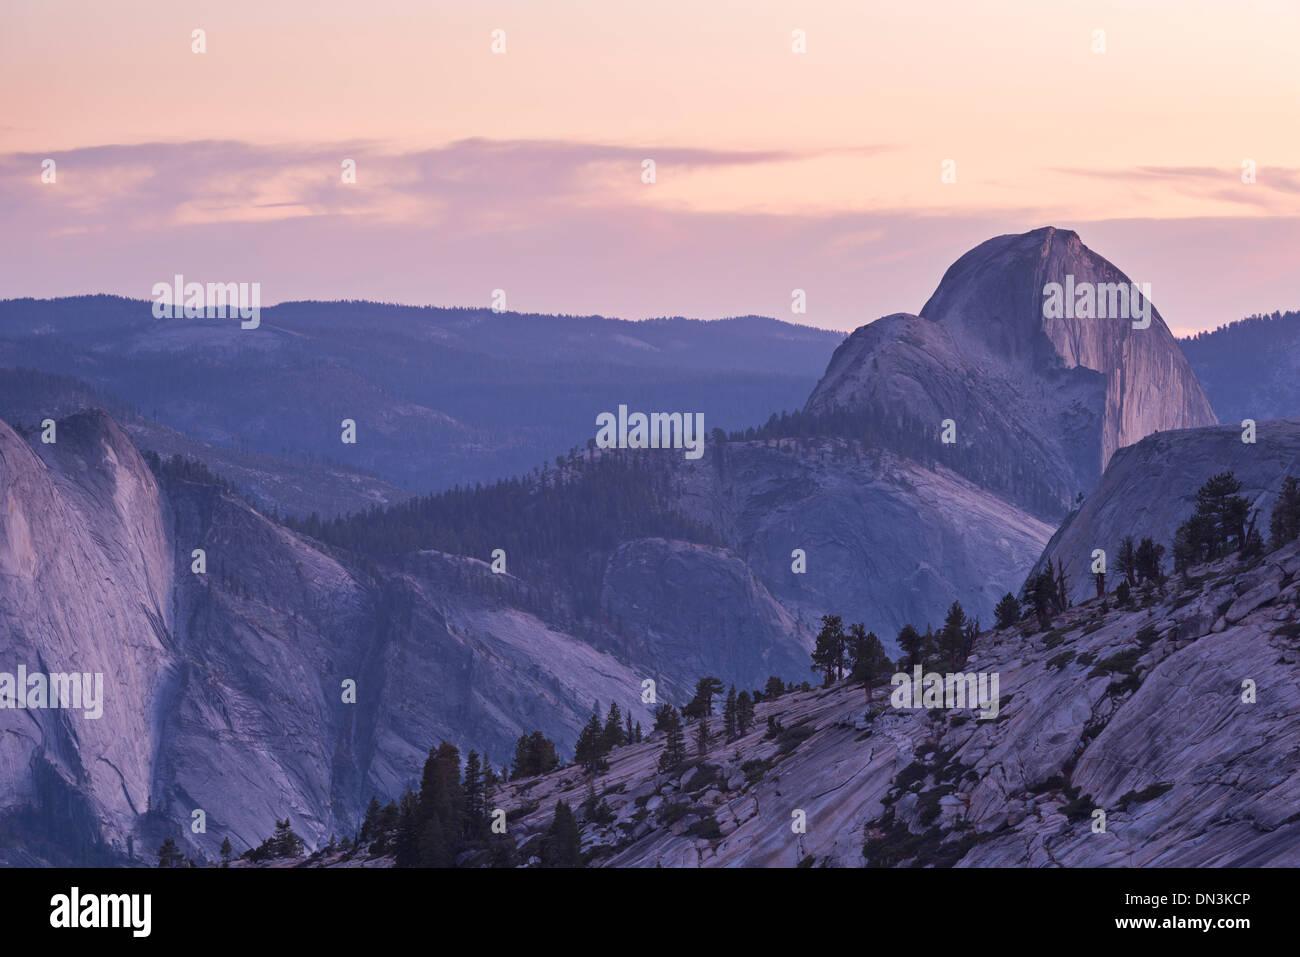 Twilight oltre mezza cupola, Yosemite National Park, California, Stati Uniti d'America. In autunno (ottobre) 2013. Immagini Stock